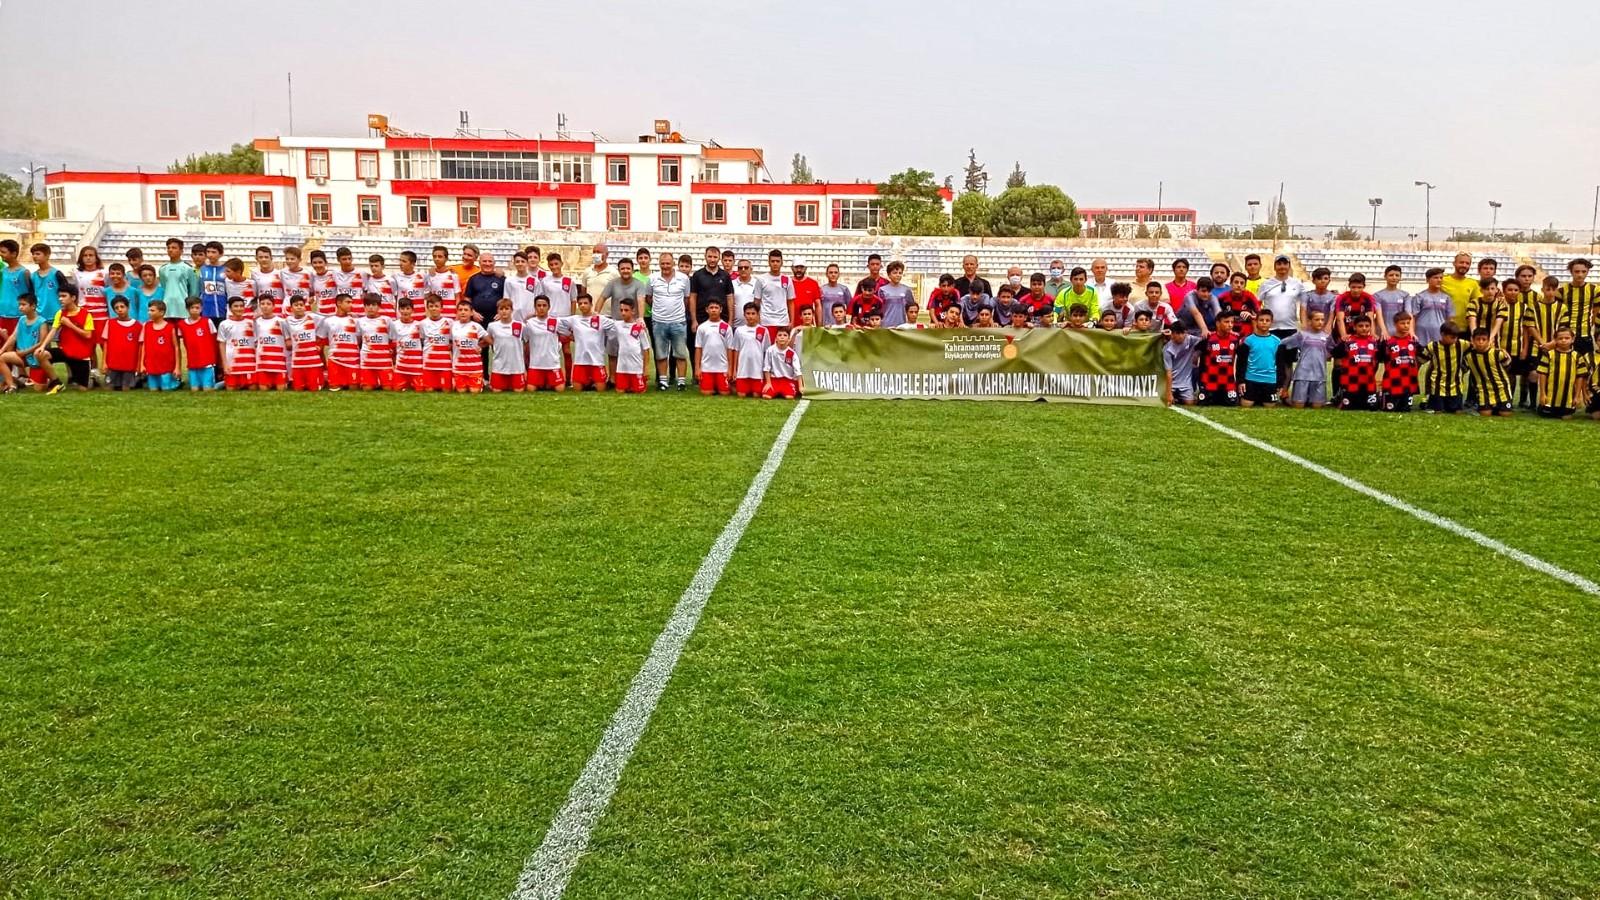 Kahramanmaraş'ta genç yetenekler futbol şenliğinde buluştu